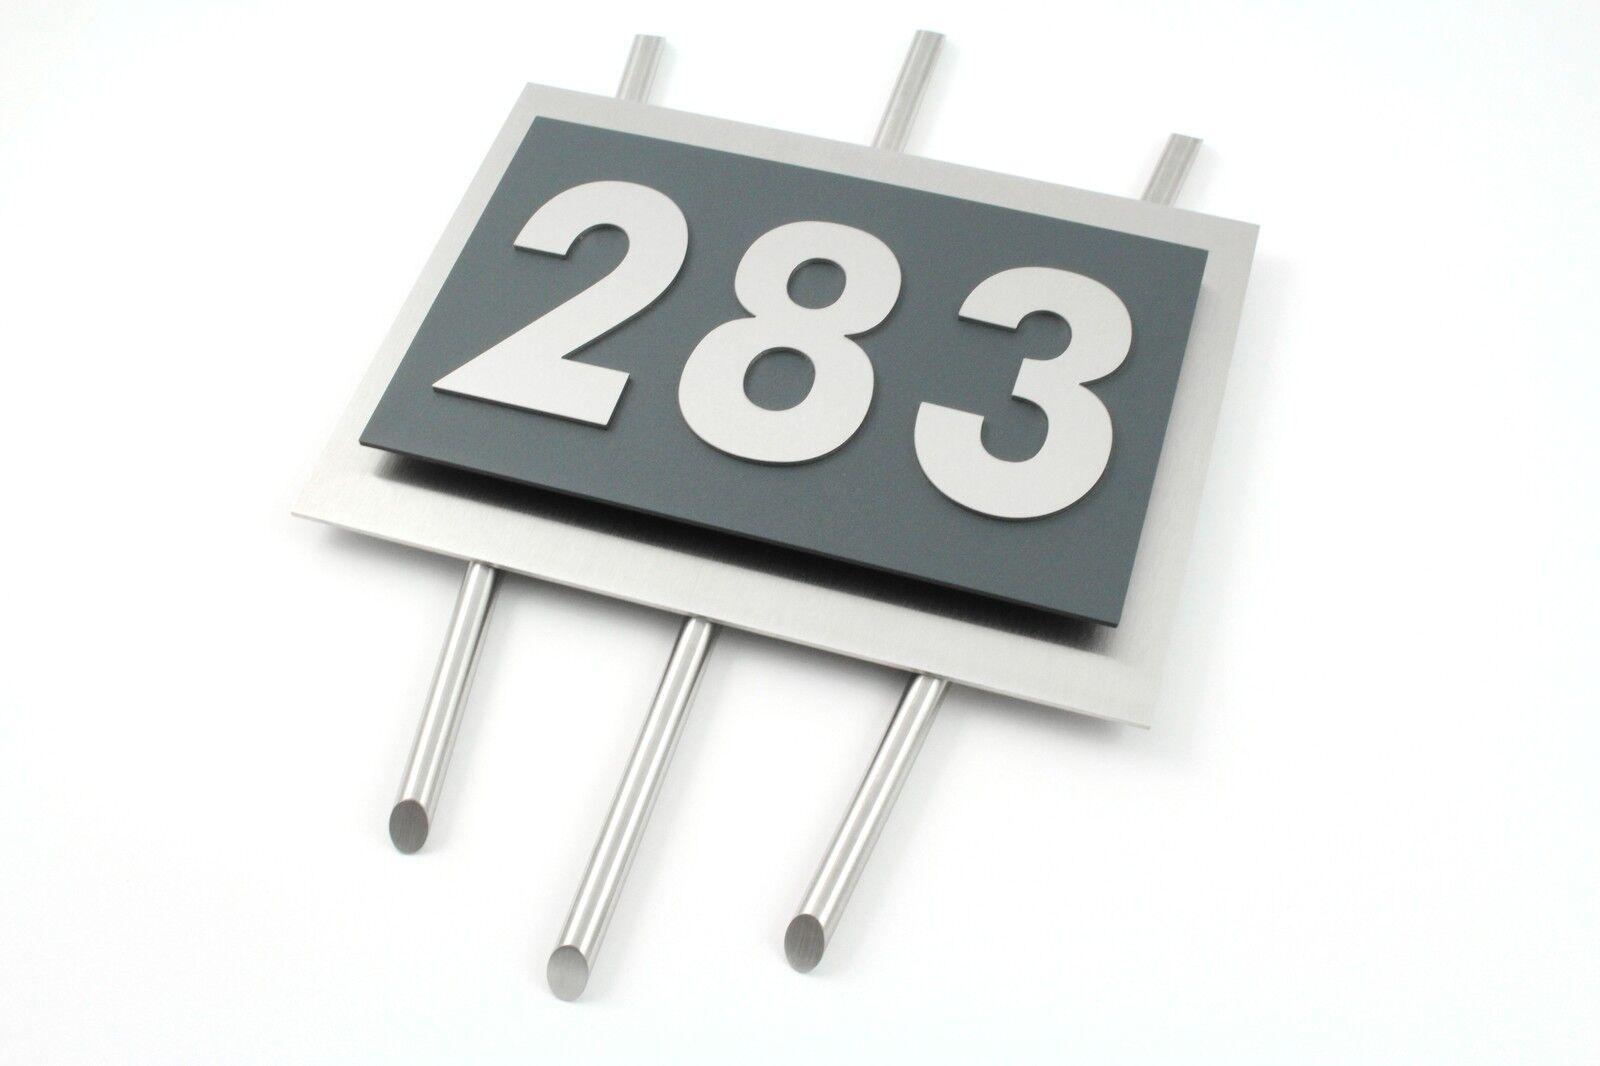 Hausnummer Hausnummer Hausnummer Edelstahl Anthrazit Ral 7016 Exklusives Design Verona 0-9 a-h A-H | Am praktischsten  | Genial Und Praktisch  | Viele Sorten  84c8d4